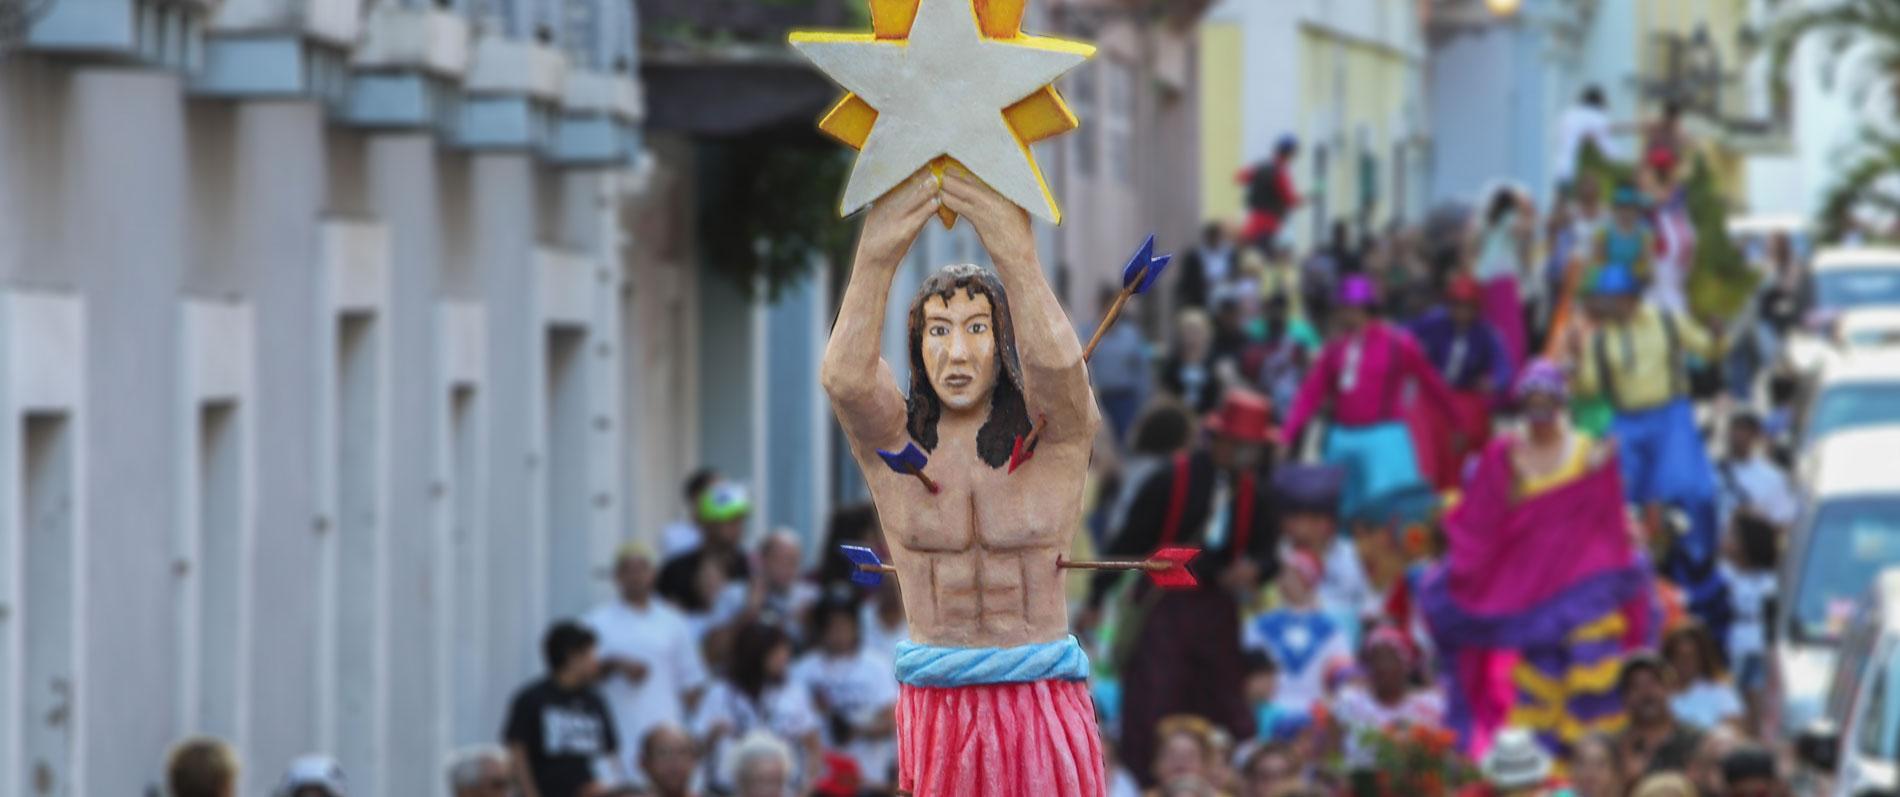 Fiestas de la calle San Sebastián 2015